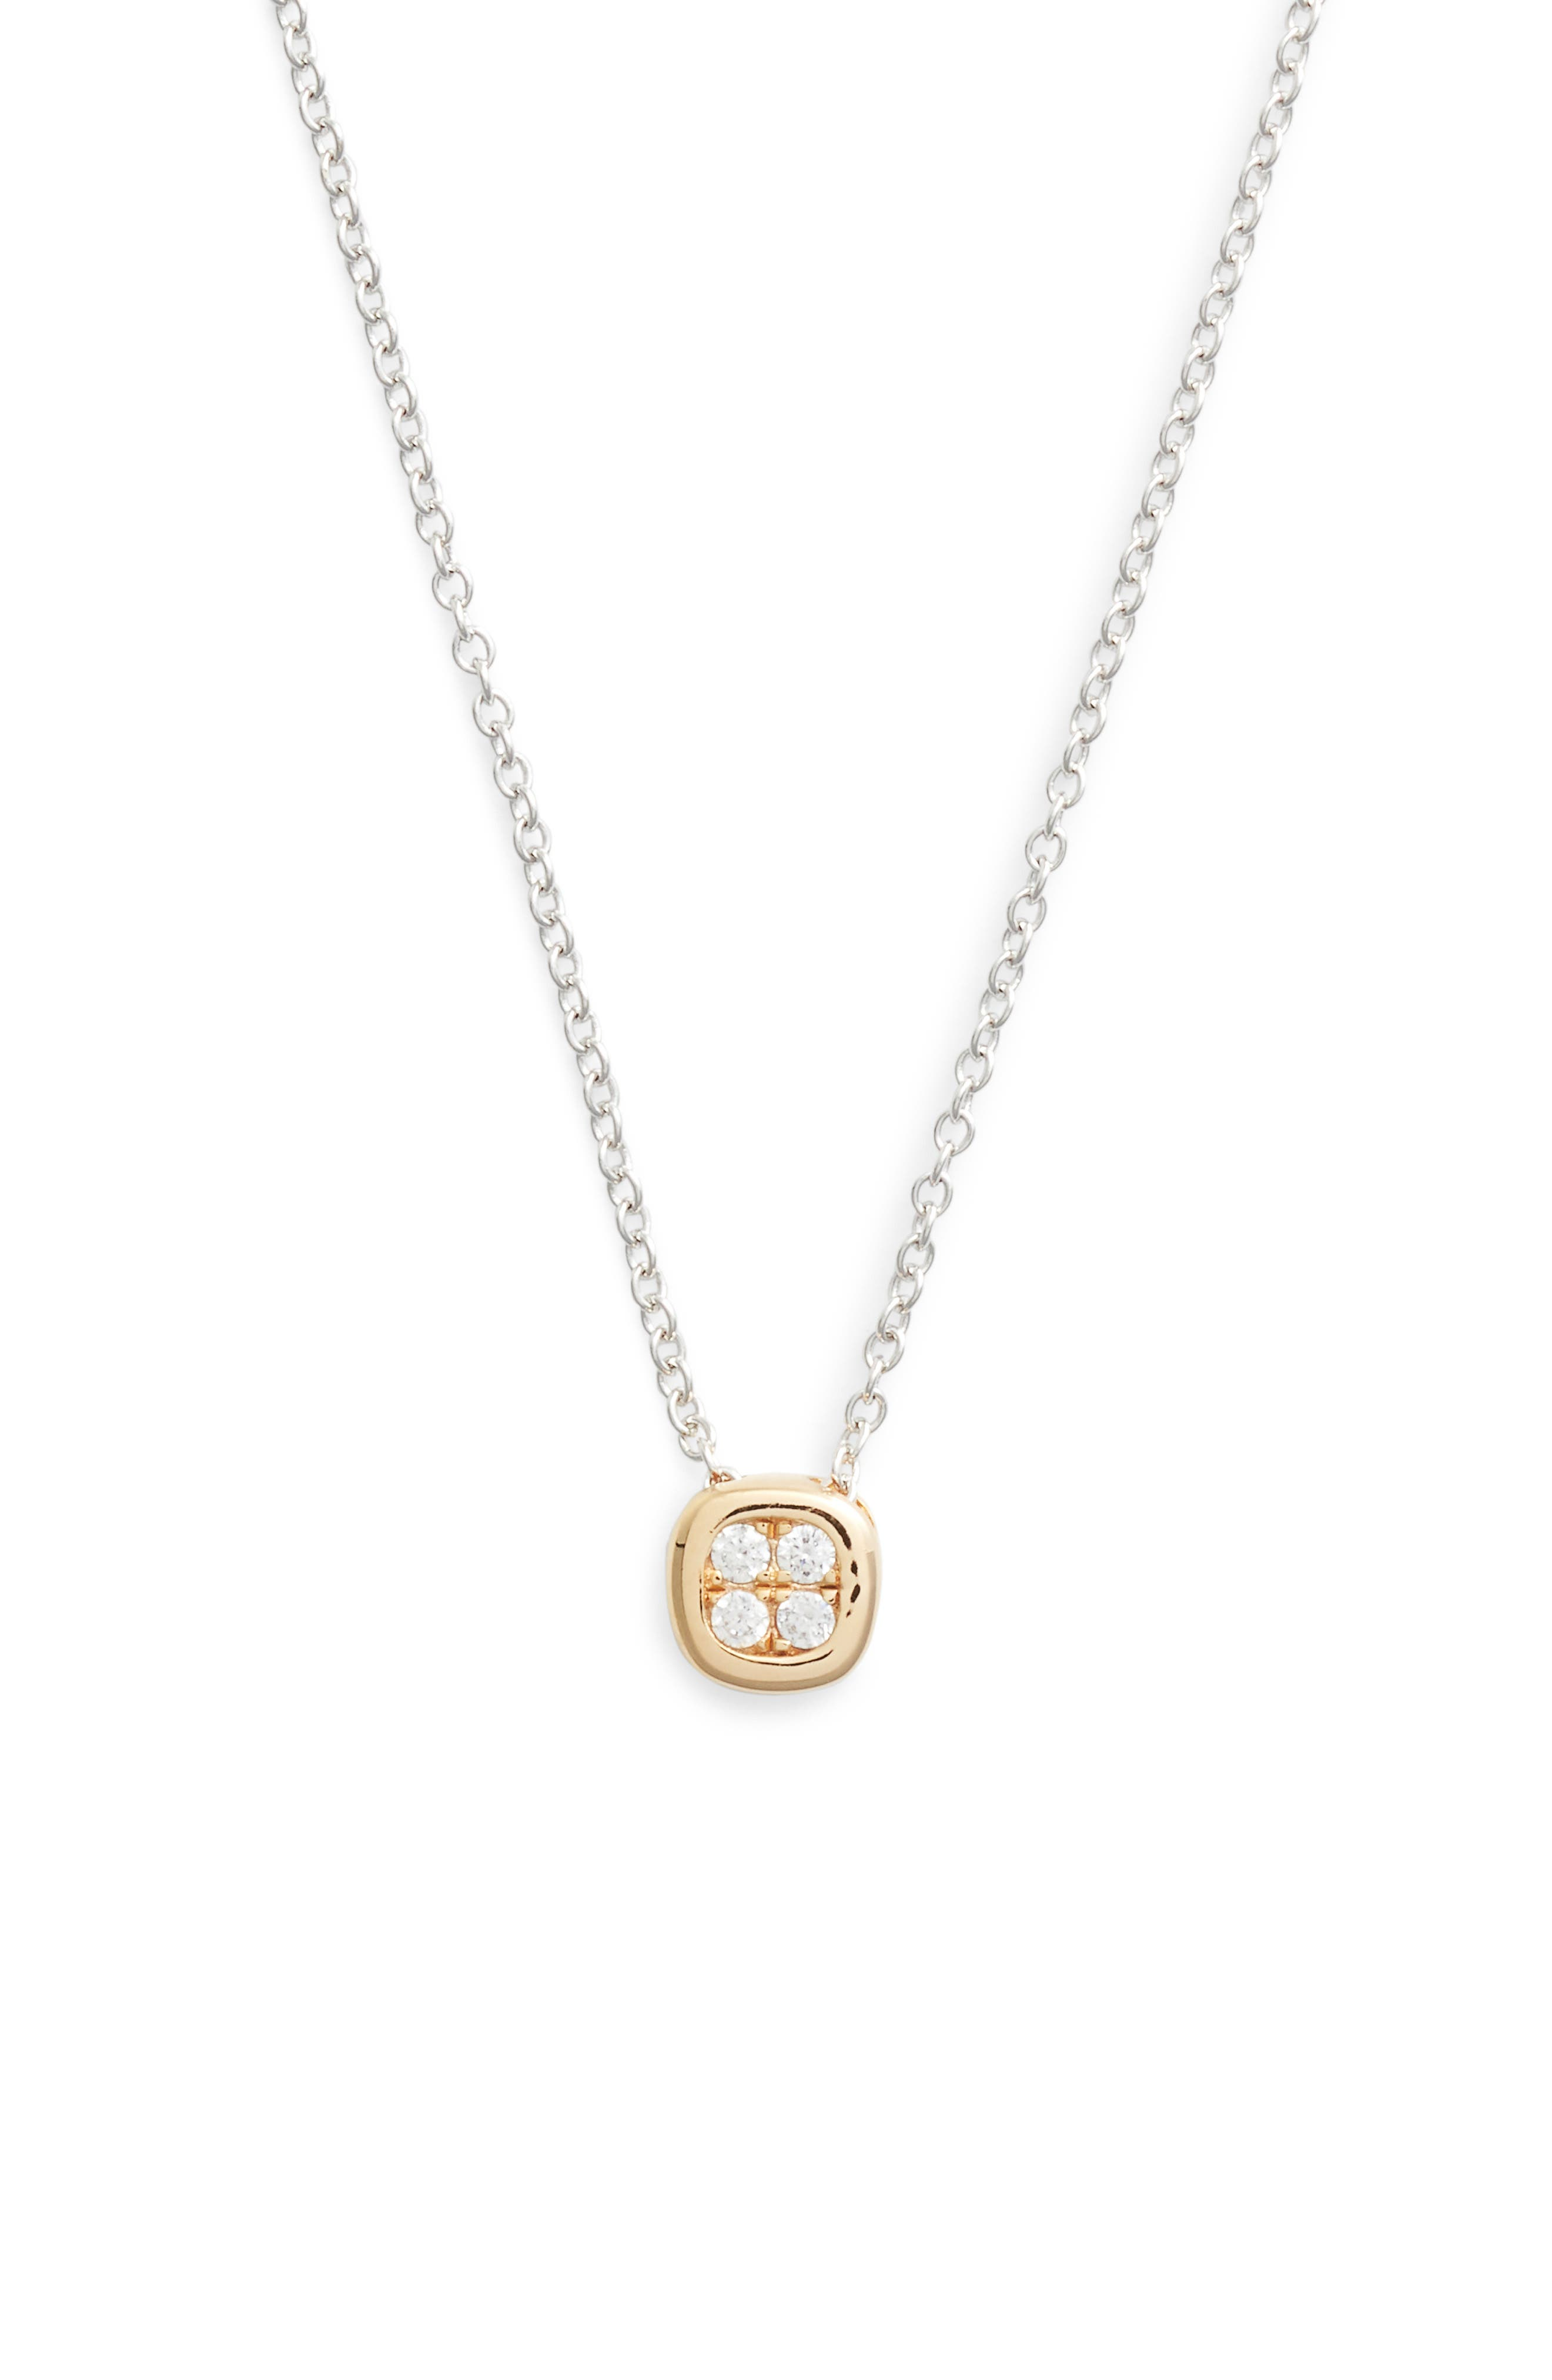 Pavé Pendant Necklace,                             Main thumbnail 1, color,                             Silver/ Gold/ Clear